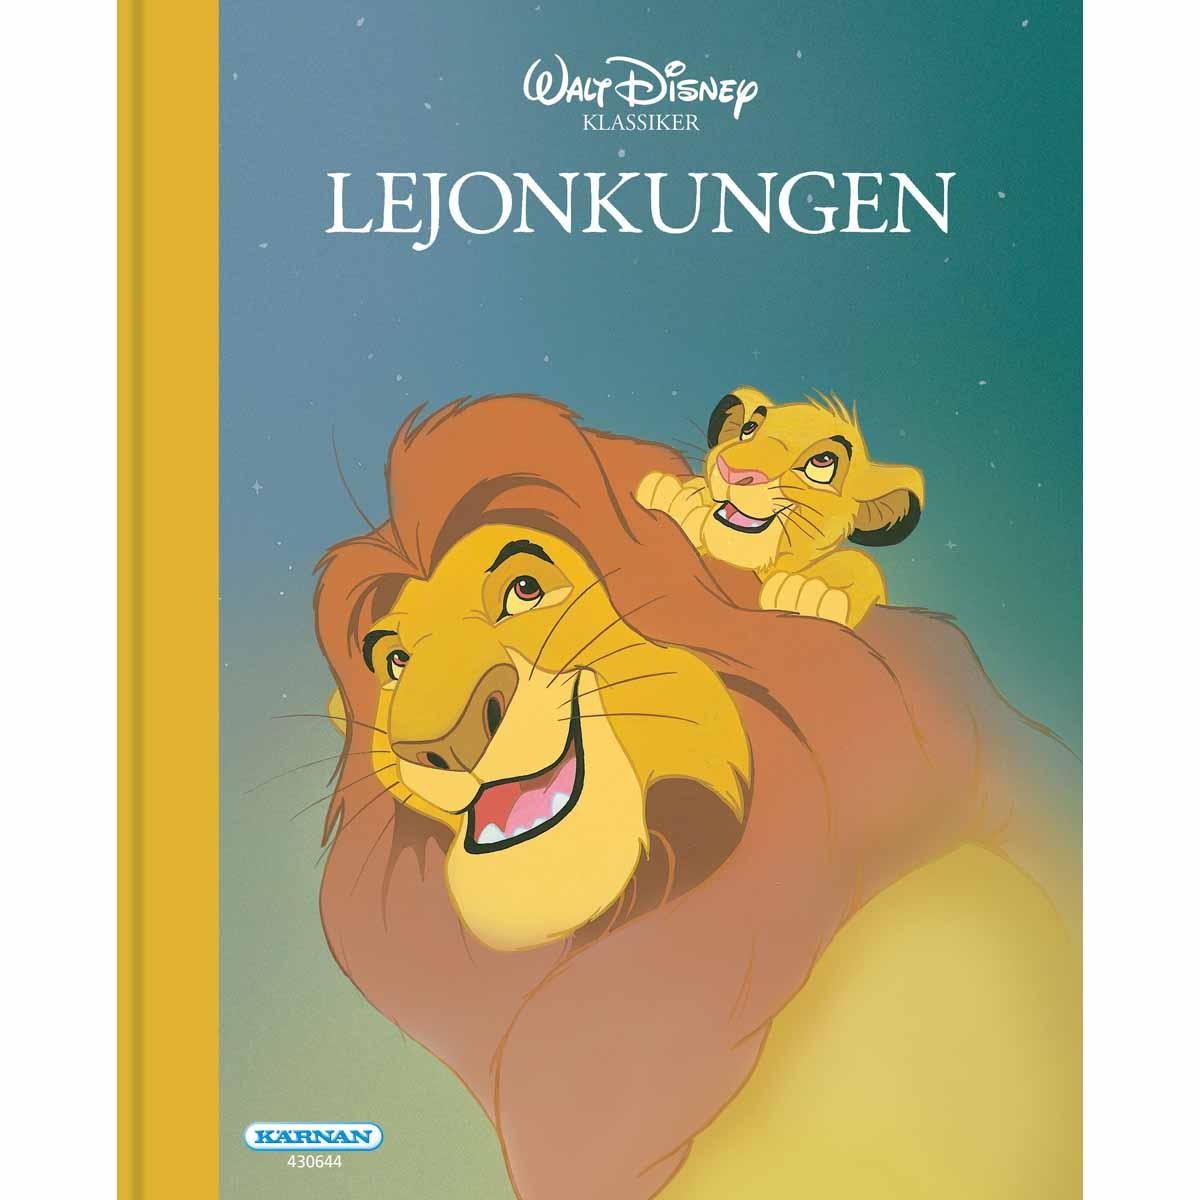 Disney Klassiker Lejonkungen Lyxig Utgåva Av Den Klassiska Disney-Sagan